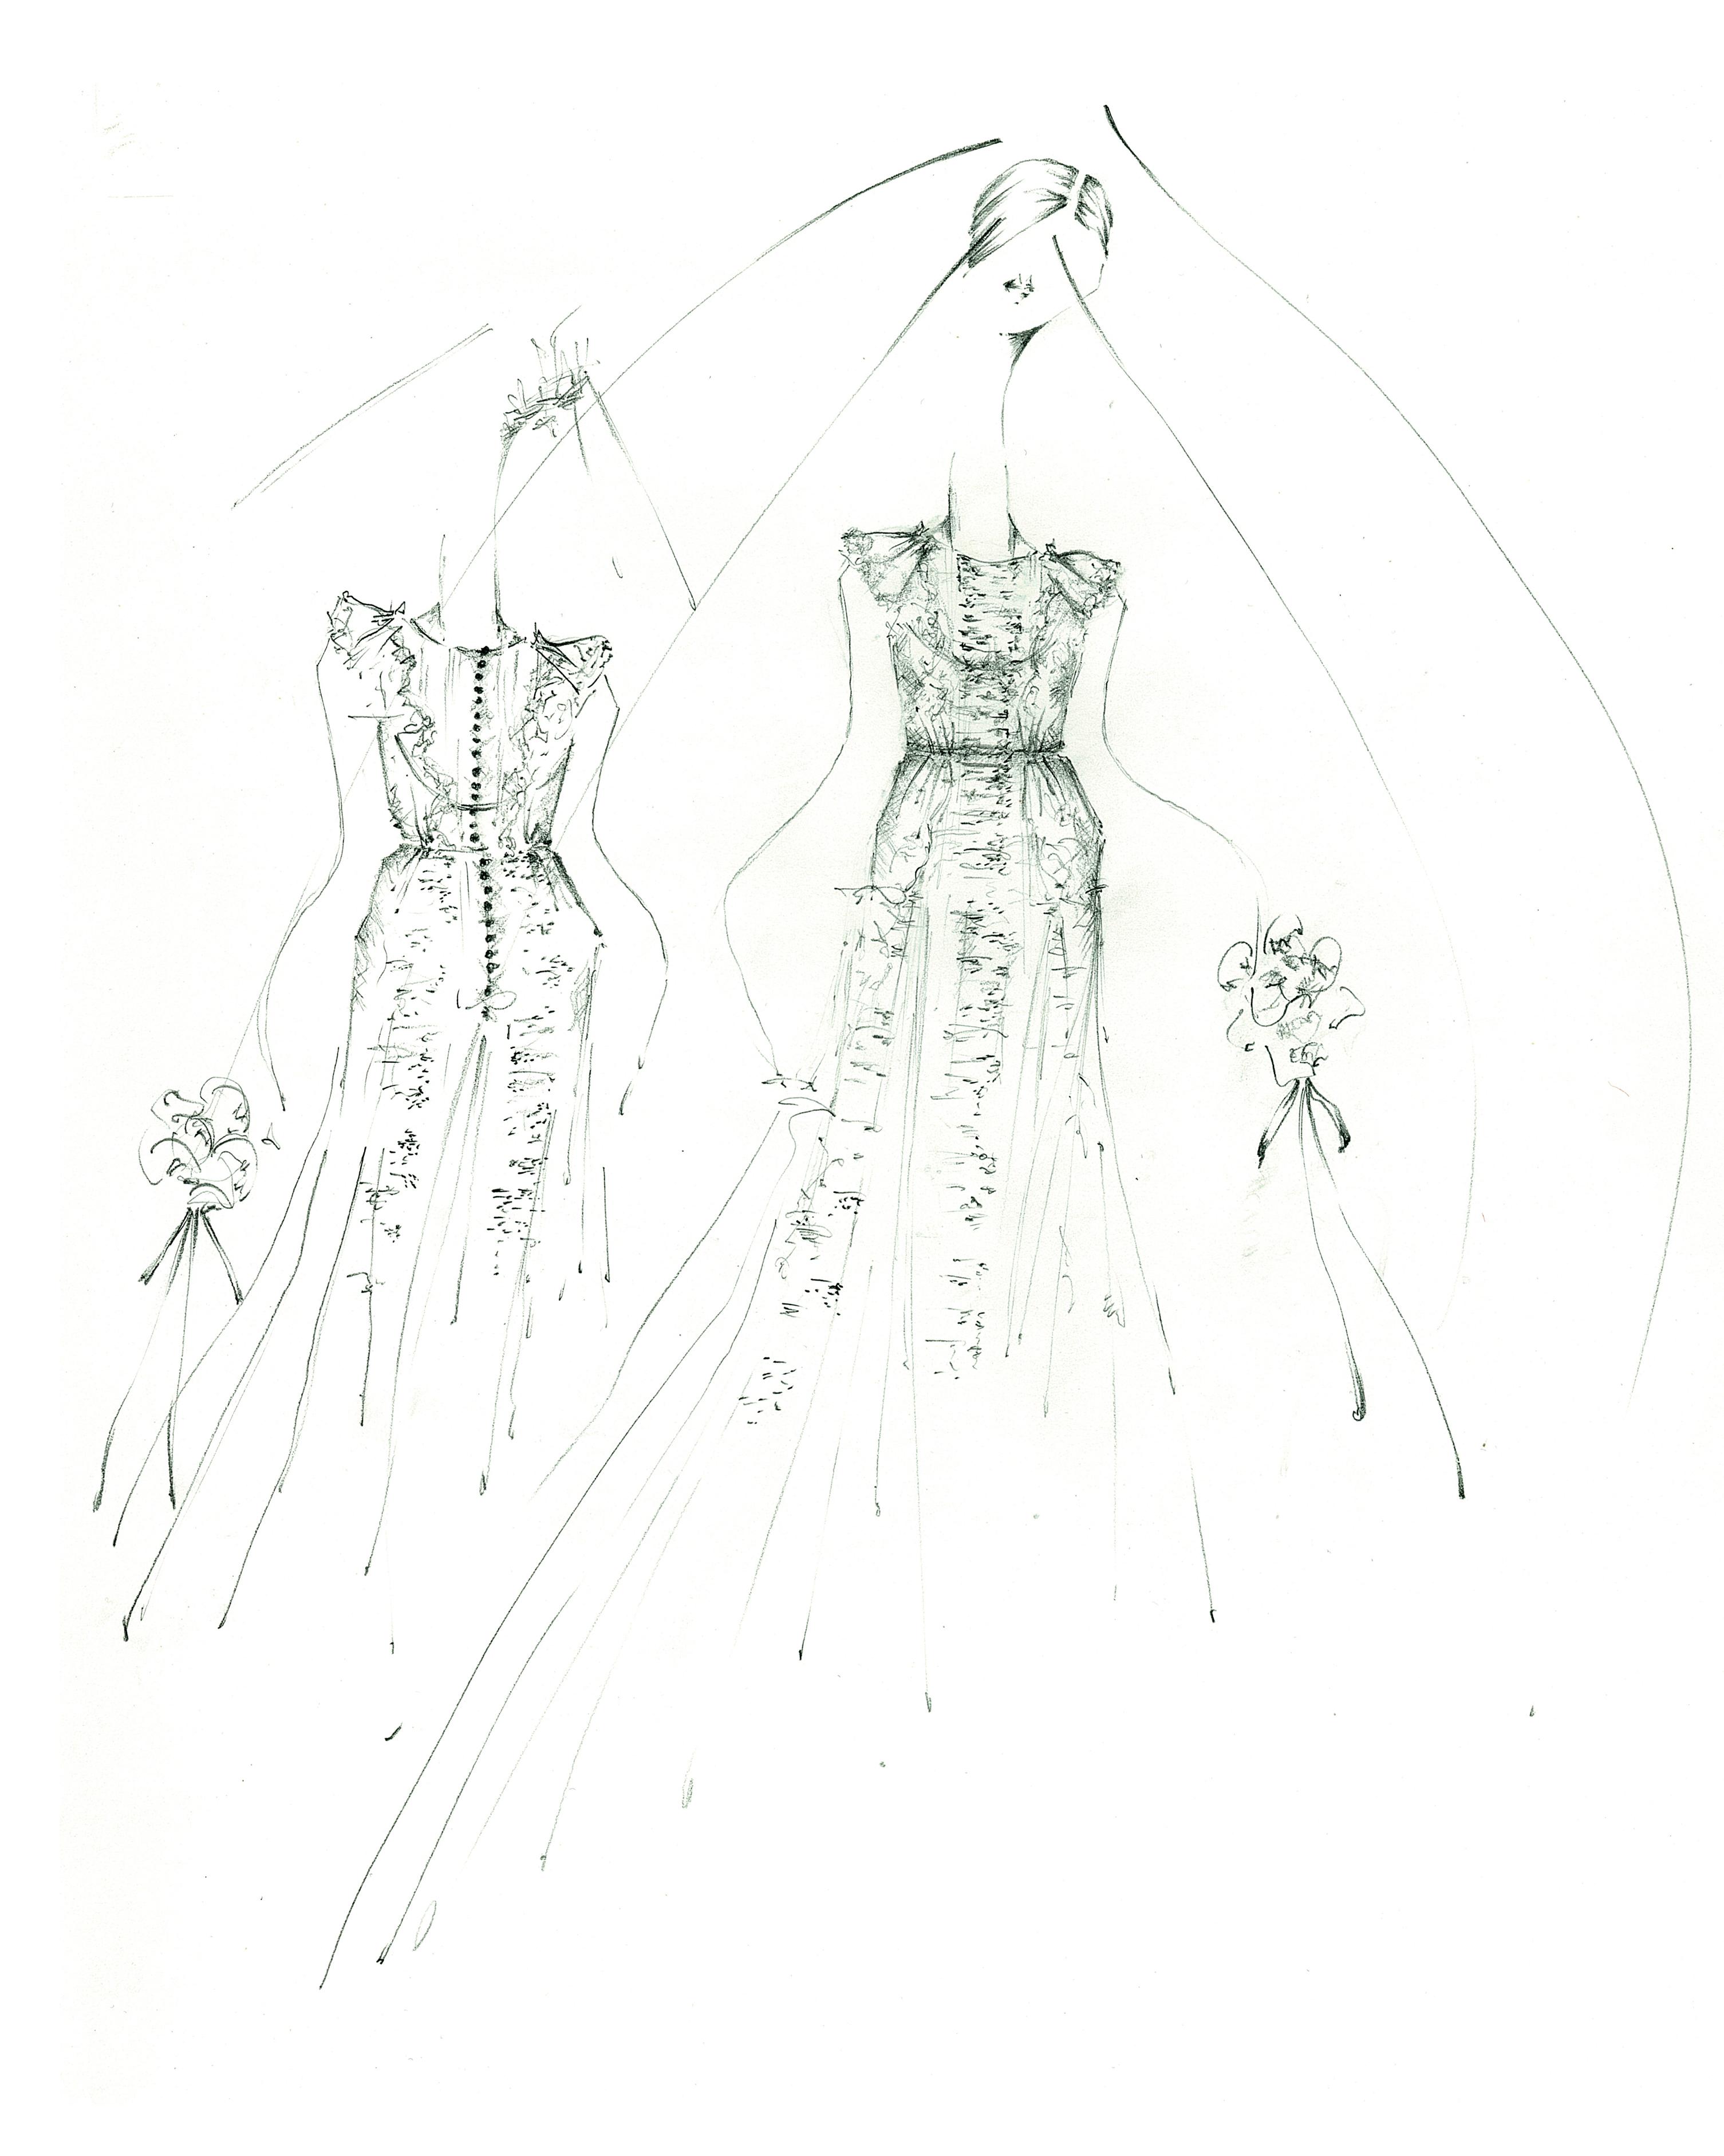 sofia-vergara-dress-sketches-celestina-agostino-0915.jpg